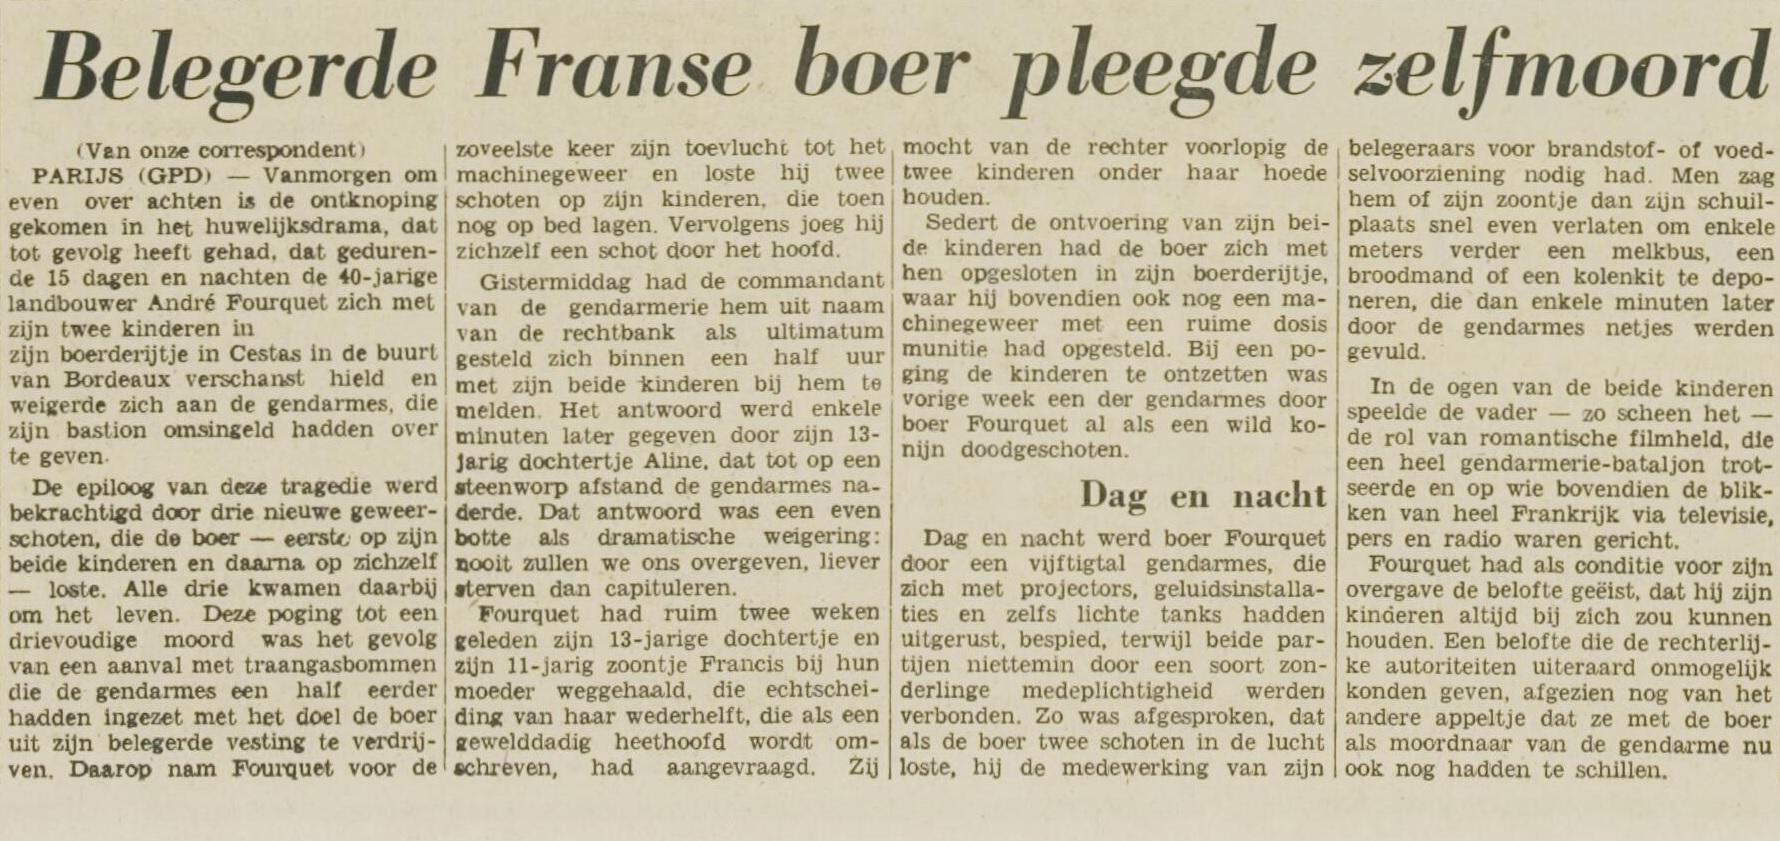 Leidsch Dagblad, nº 32716, 17 février 1969, p. 2